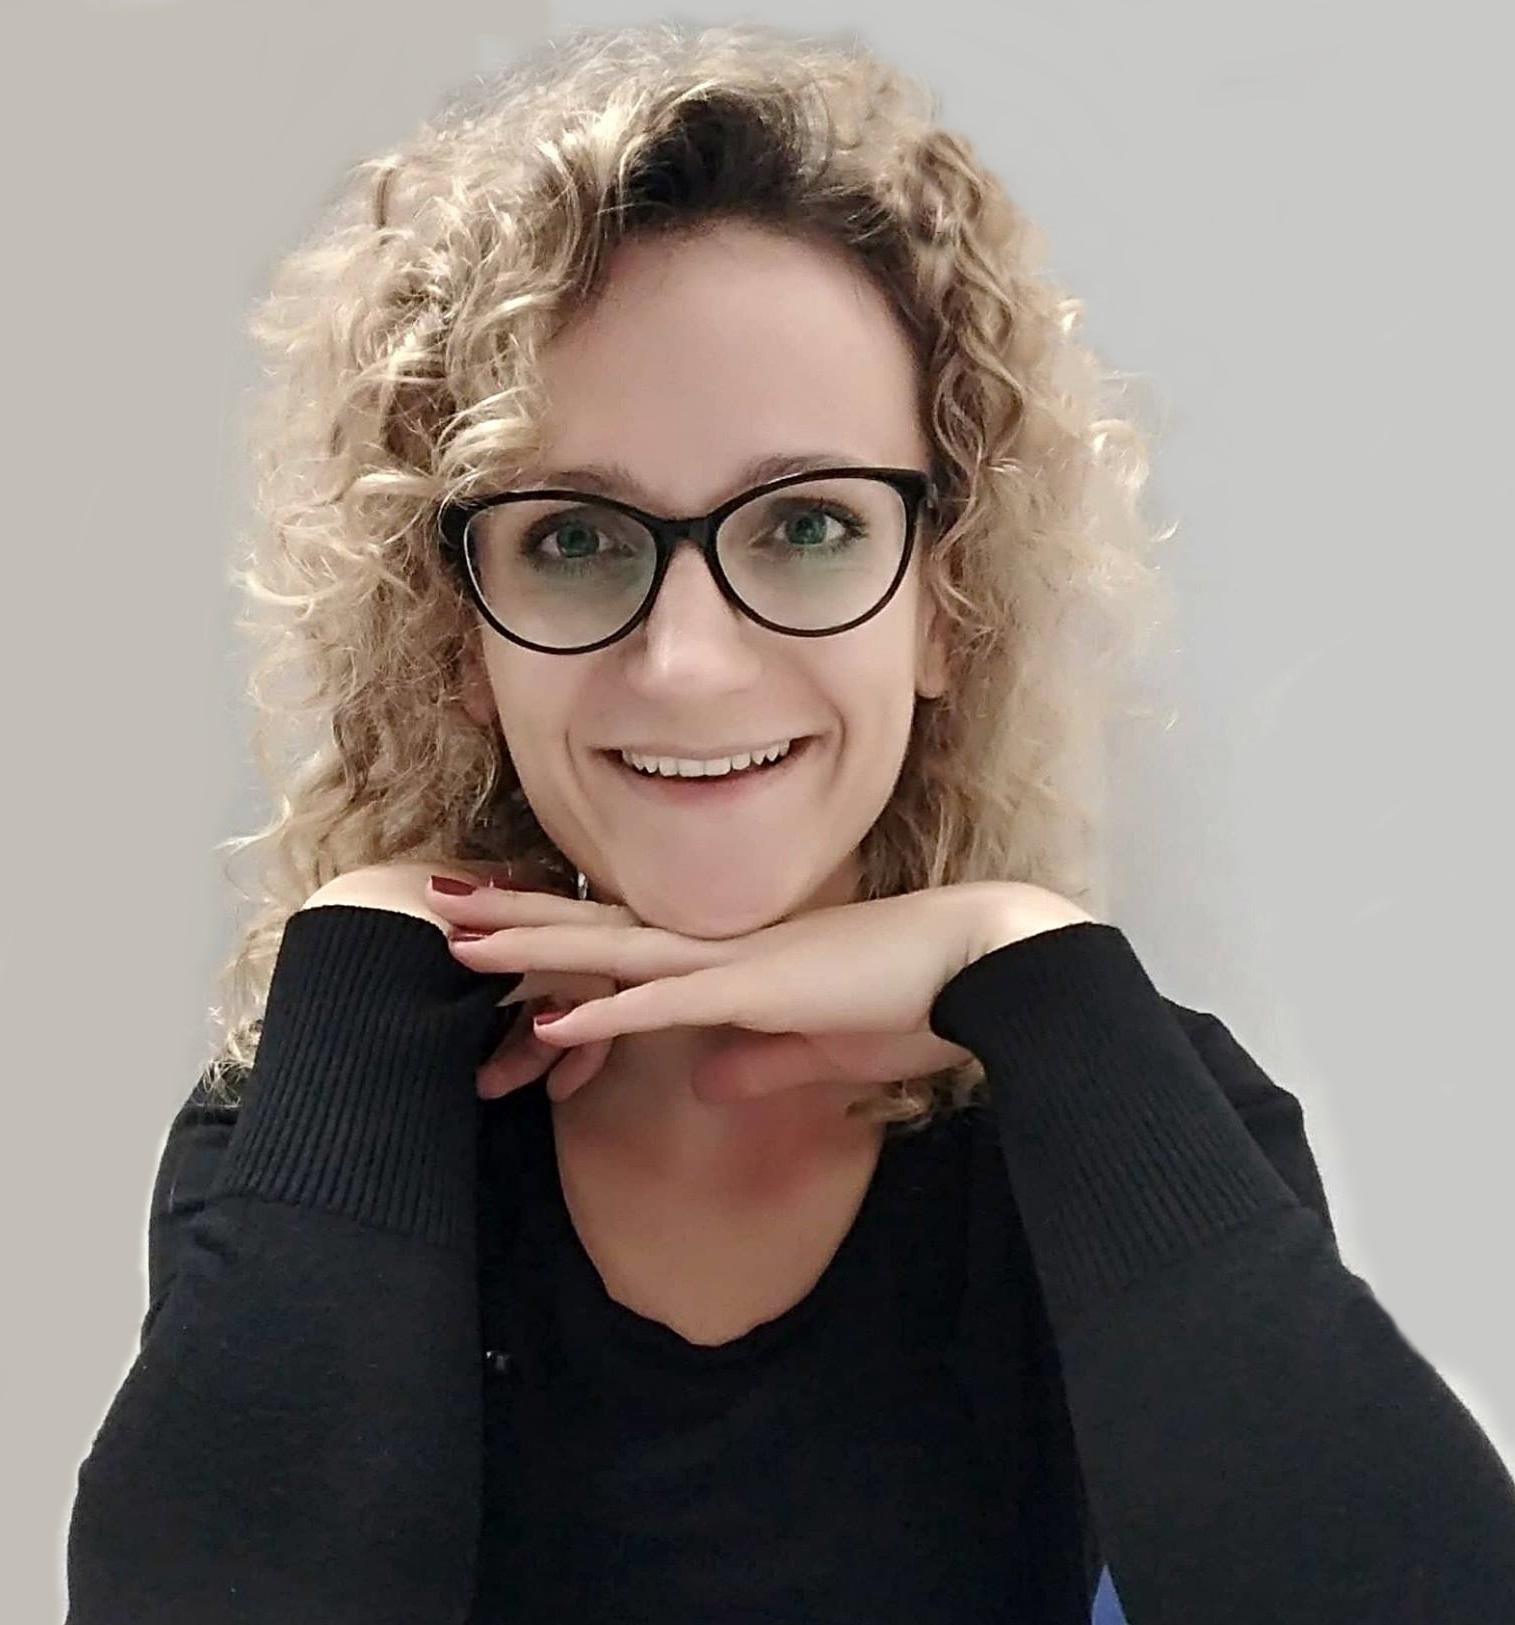 Małgorzata Kozioł